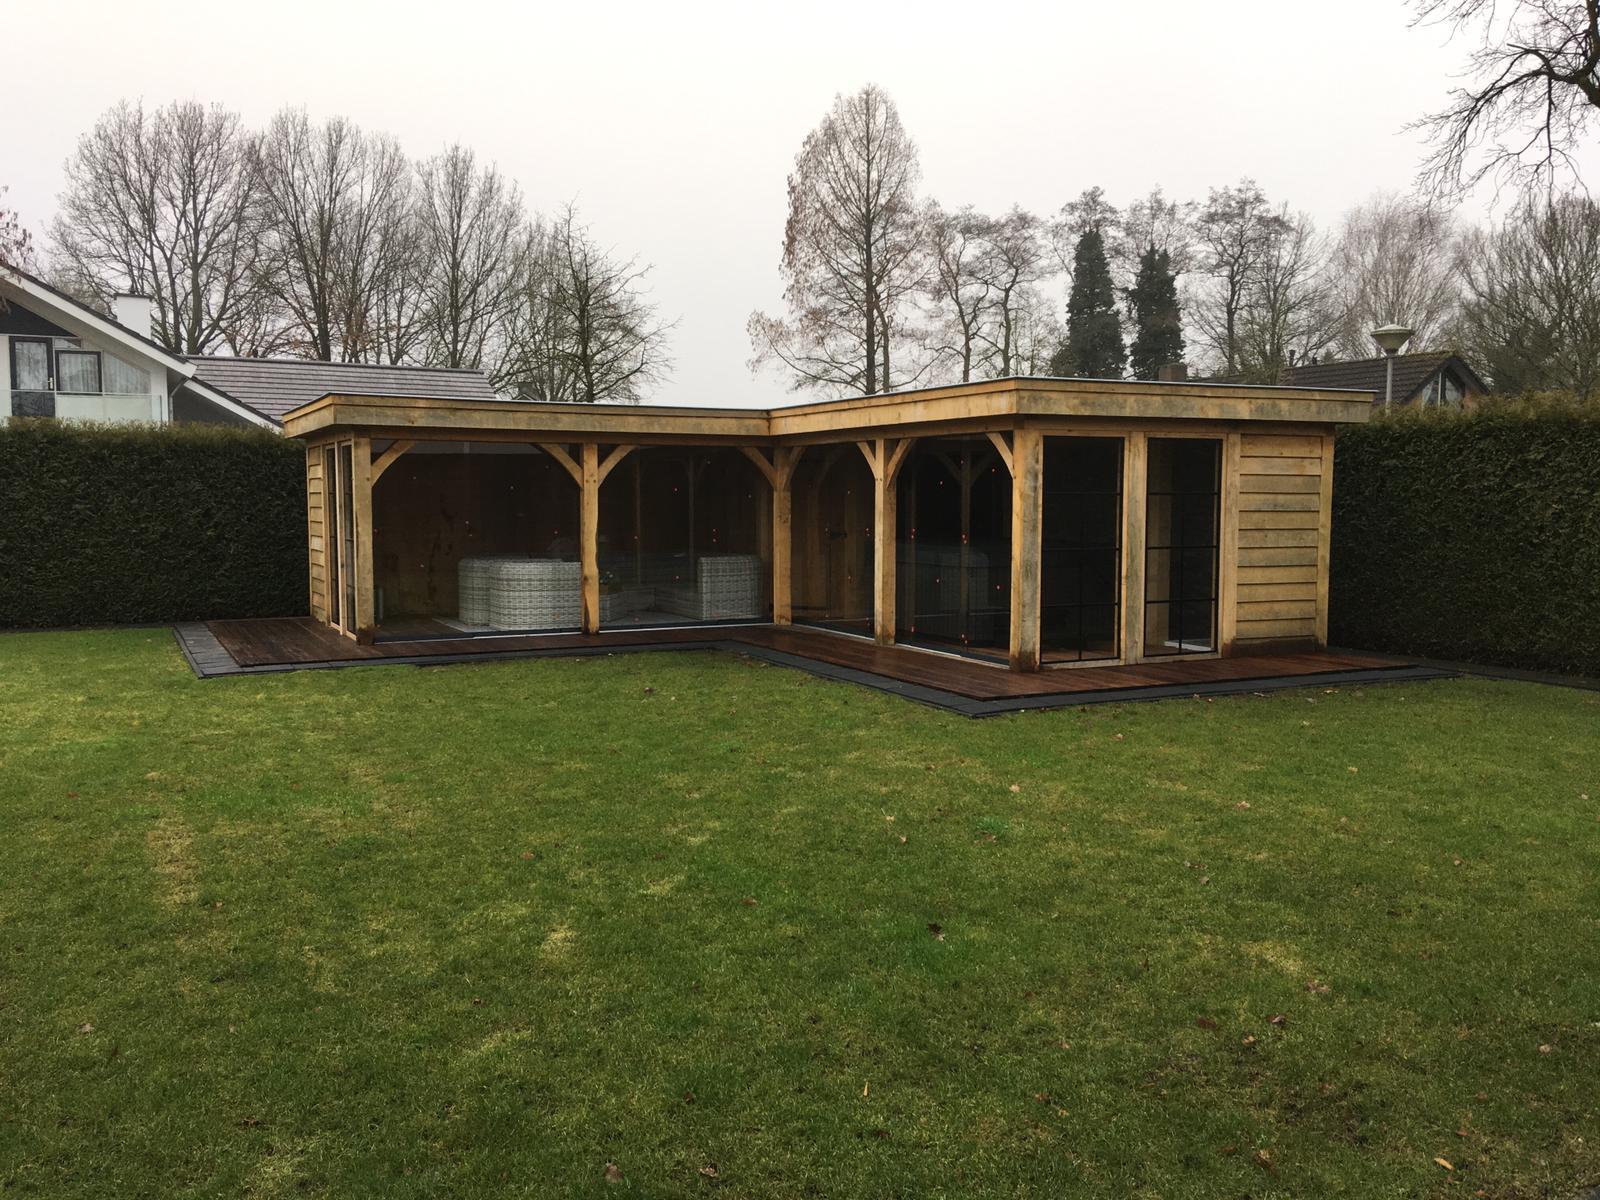 overkapping-met-glazen-schuifwanden-6 - Project Hardenberg: Eiken tuinkamer met jacuzzi overkapping hoekmodel.